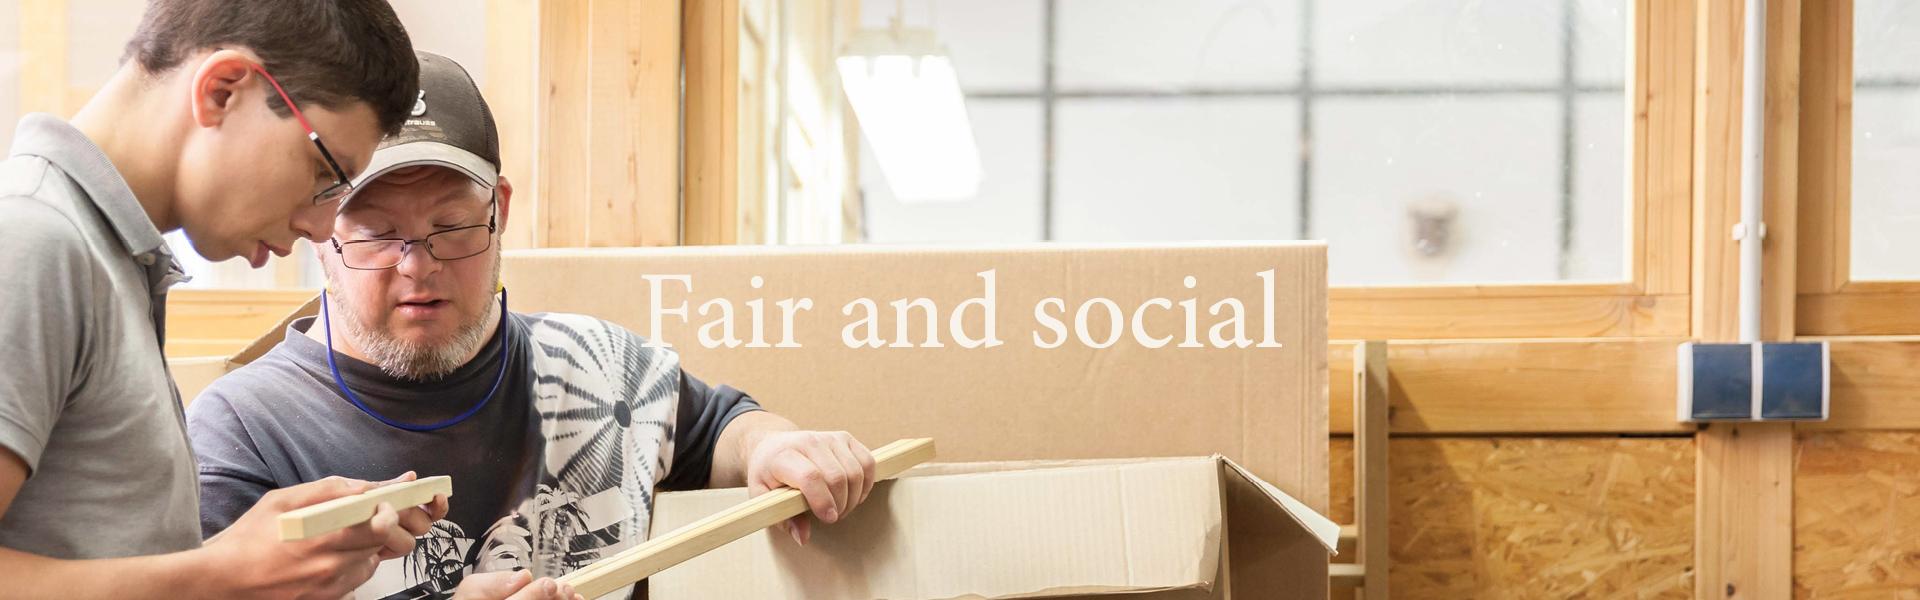 Kategorieseite_fairsocial